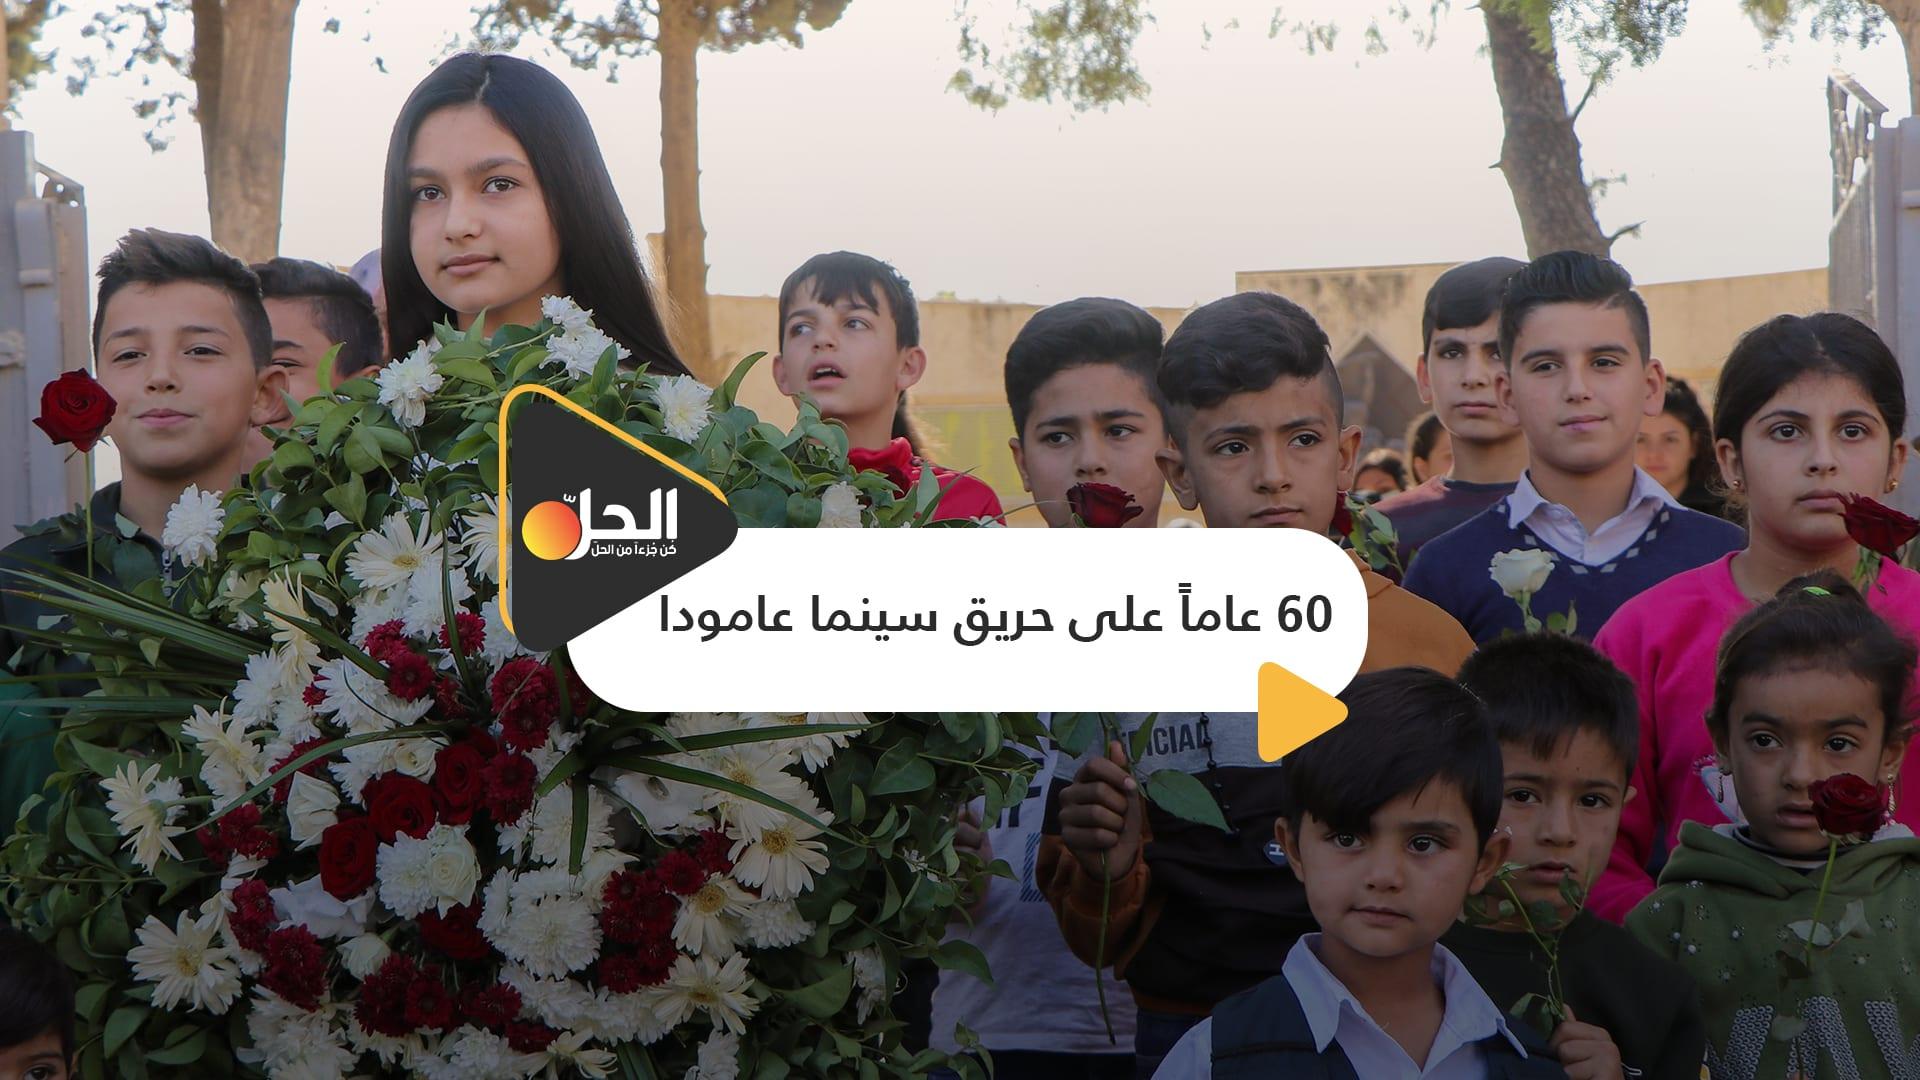 أهالي عامودا يحيون الذكرى الـ60 لكارثة كبرى حلت بهم